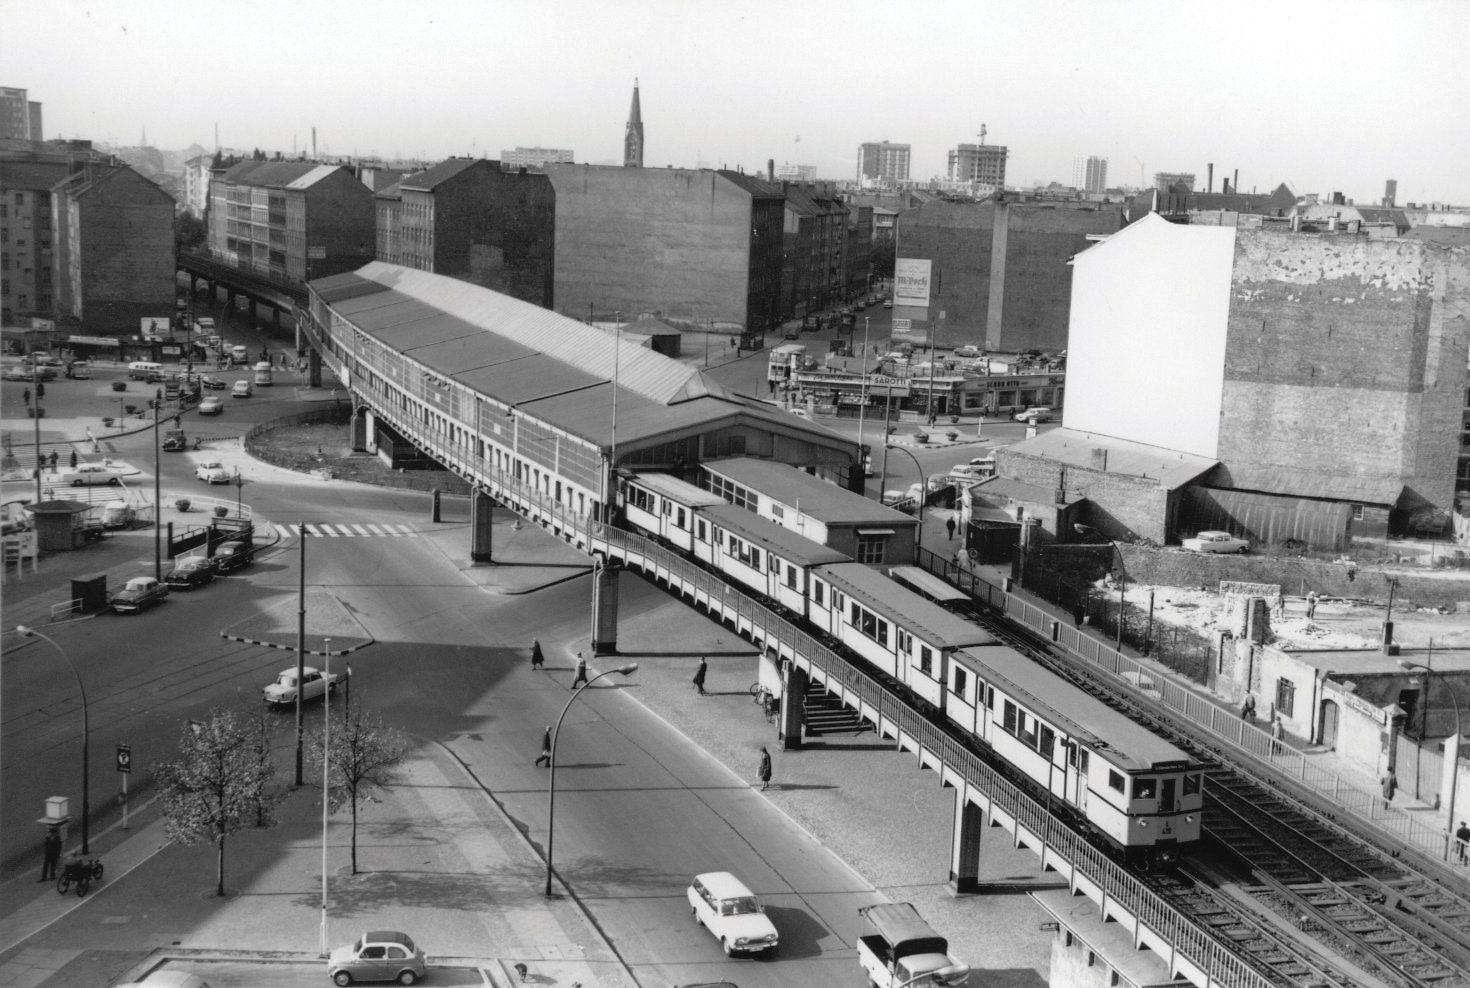 Historische Bilder Von Berliner U Bahnhofen Historische Bilder Orte Zum Besuchen Historisch